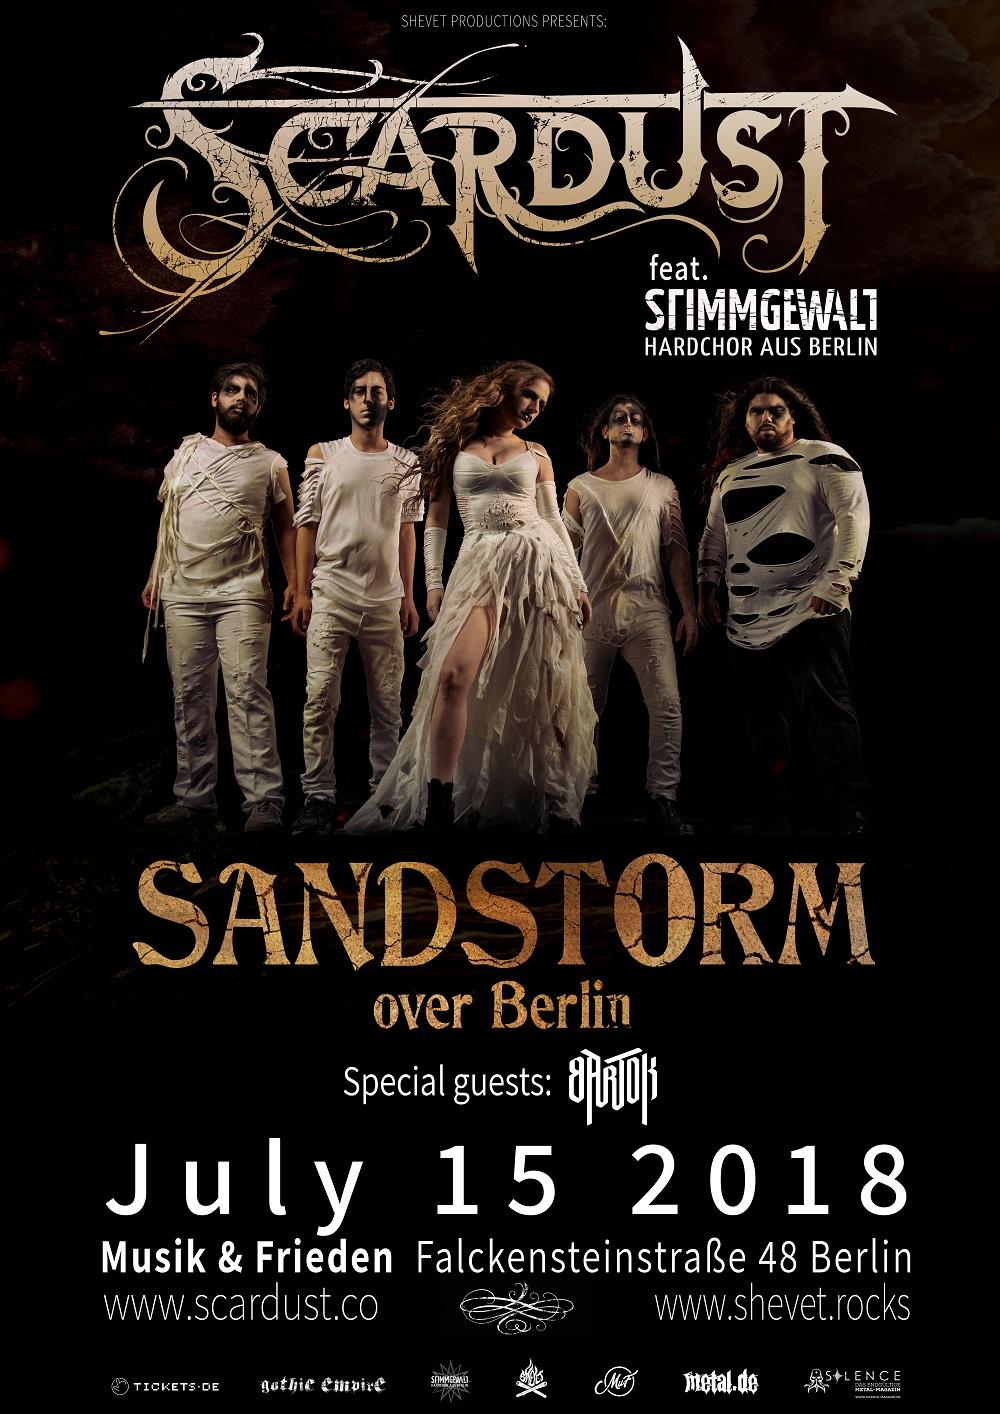 Bild Scardust - Sandstorm Over Berlin Poster